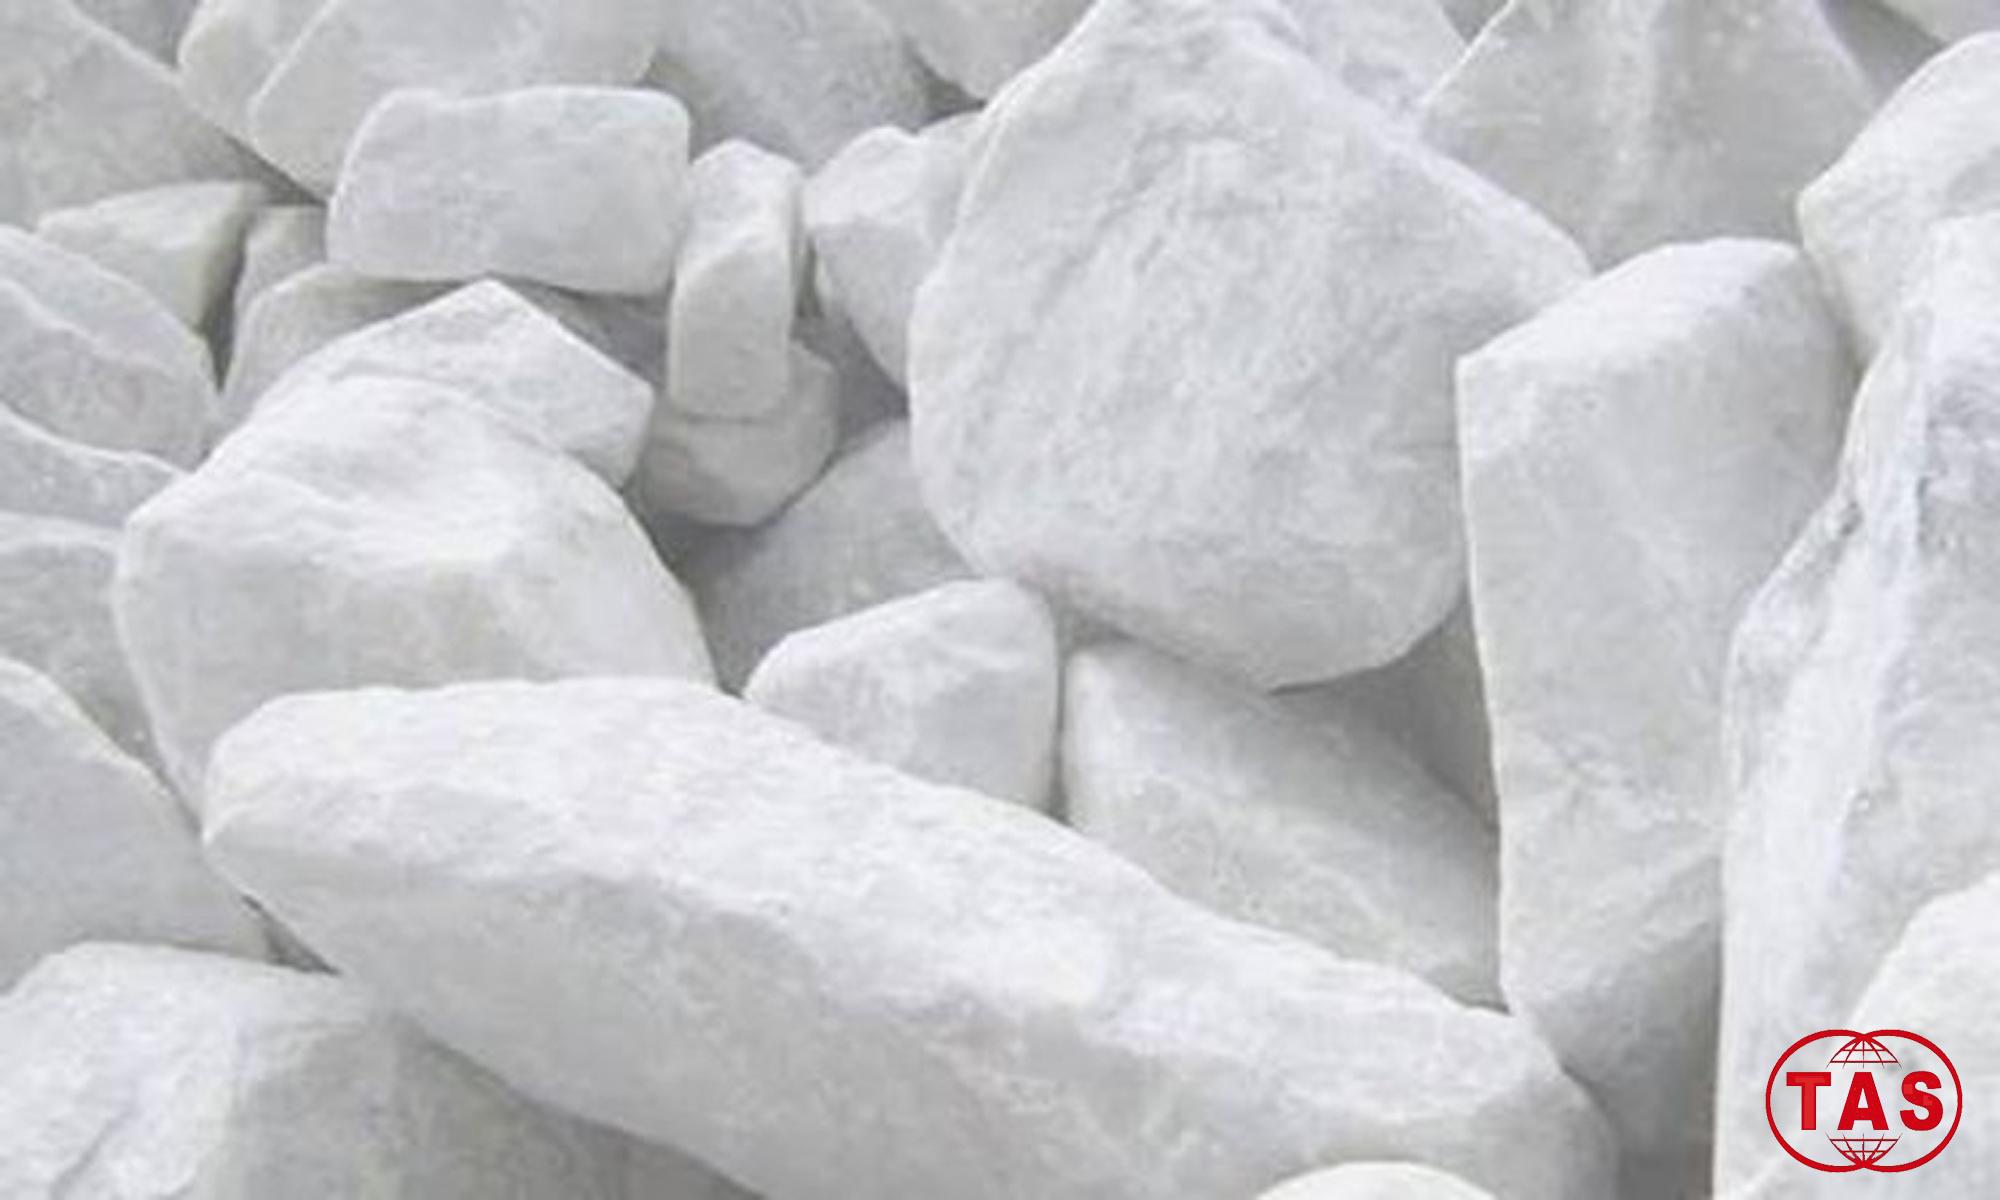 isoptin sr 240 mg 50 film tablet fiyatı